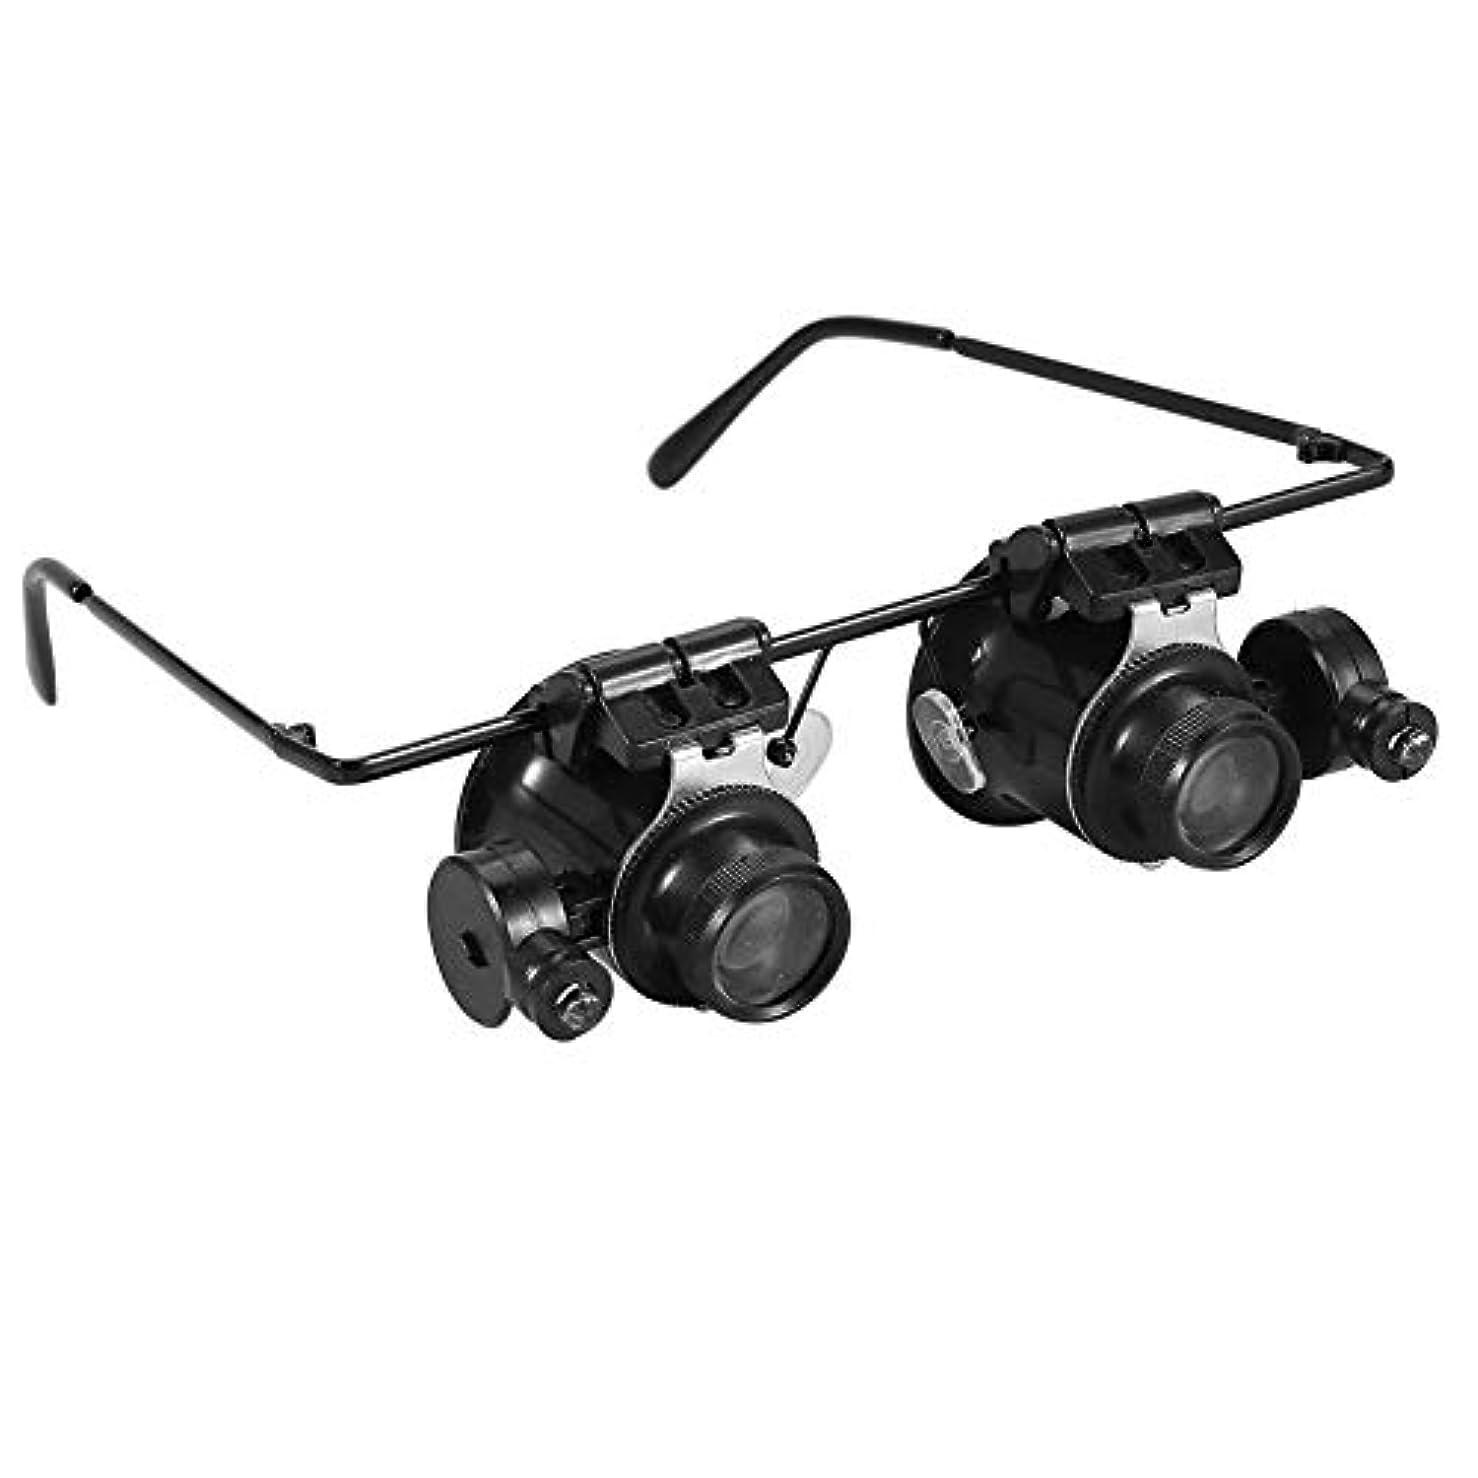 好きである気になる石膏メガネ拡大鏡メガネ20倍拡大鏡宝石商ツールウォッチ修理LEDライトレンズルーペ